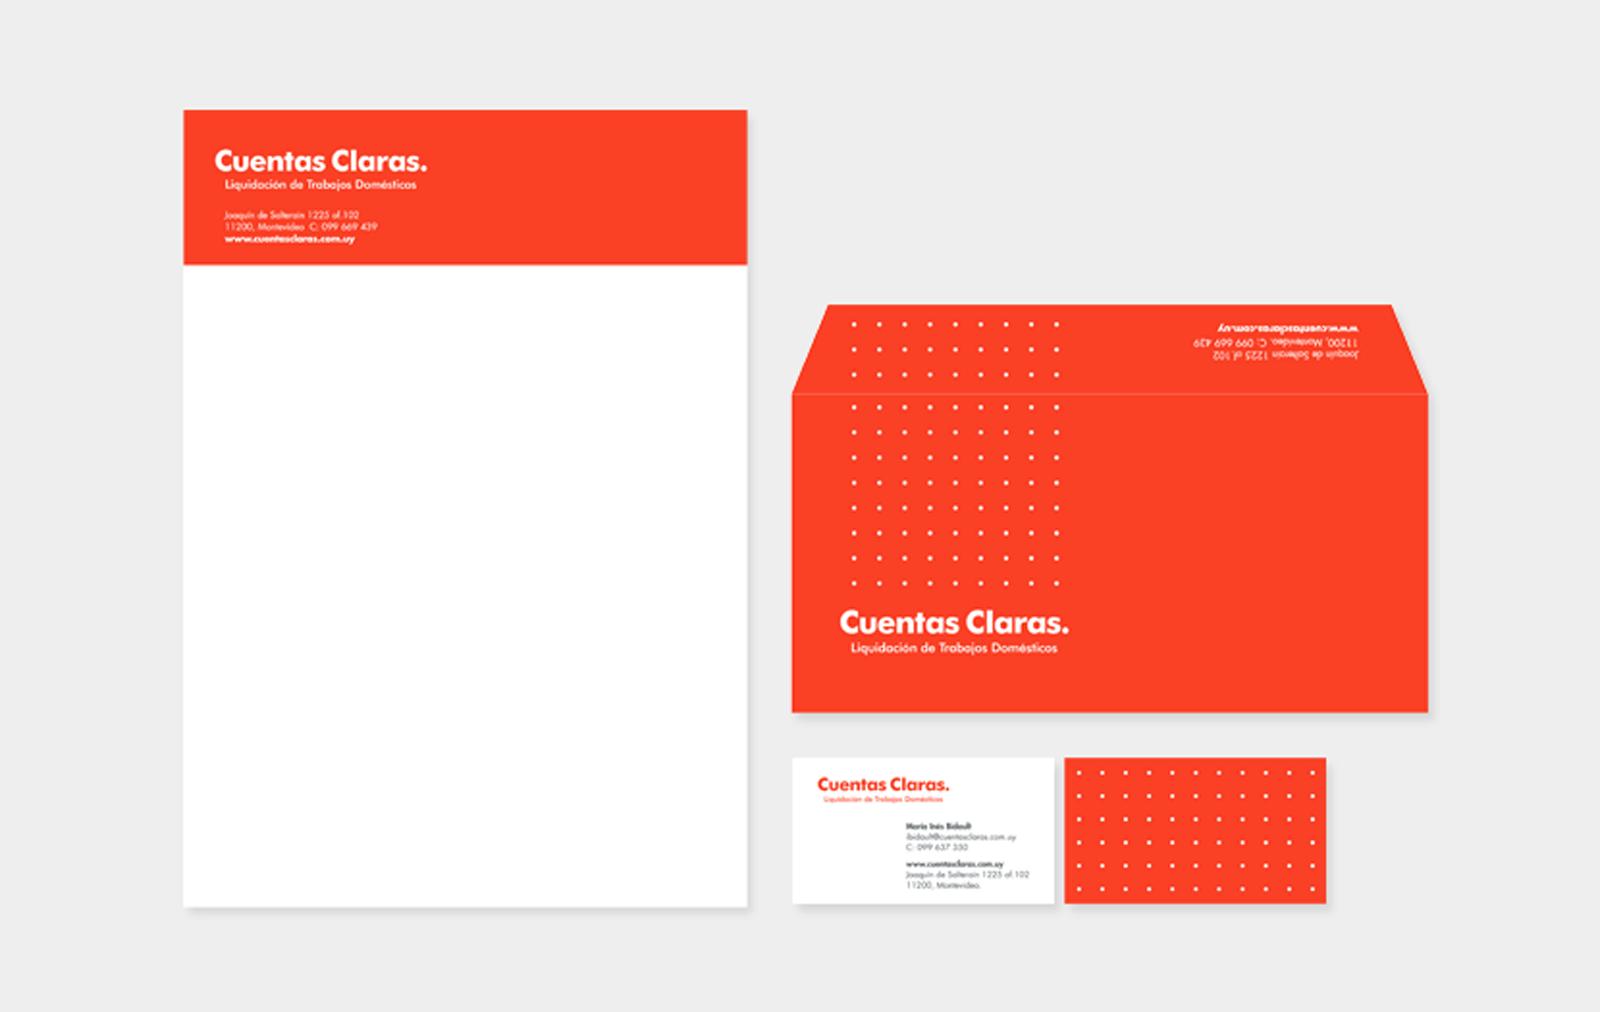 Cliente: CUENTAS CLARAS. Identidad visual